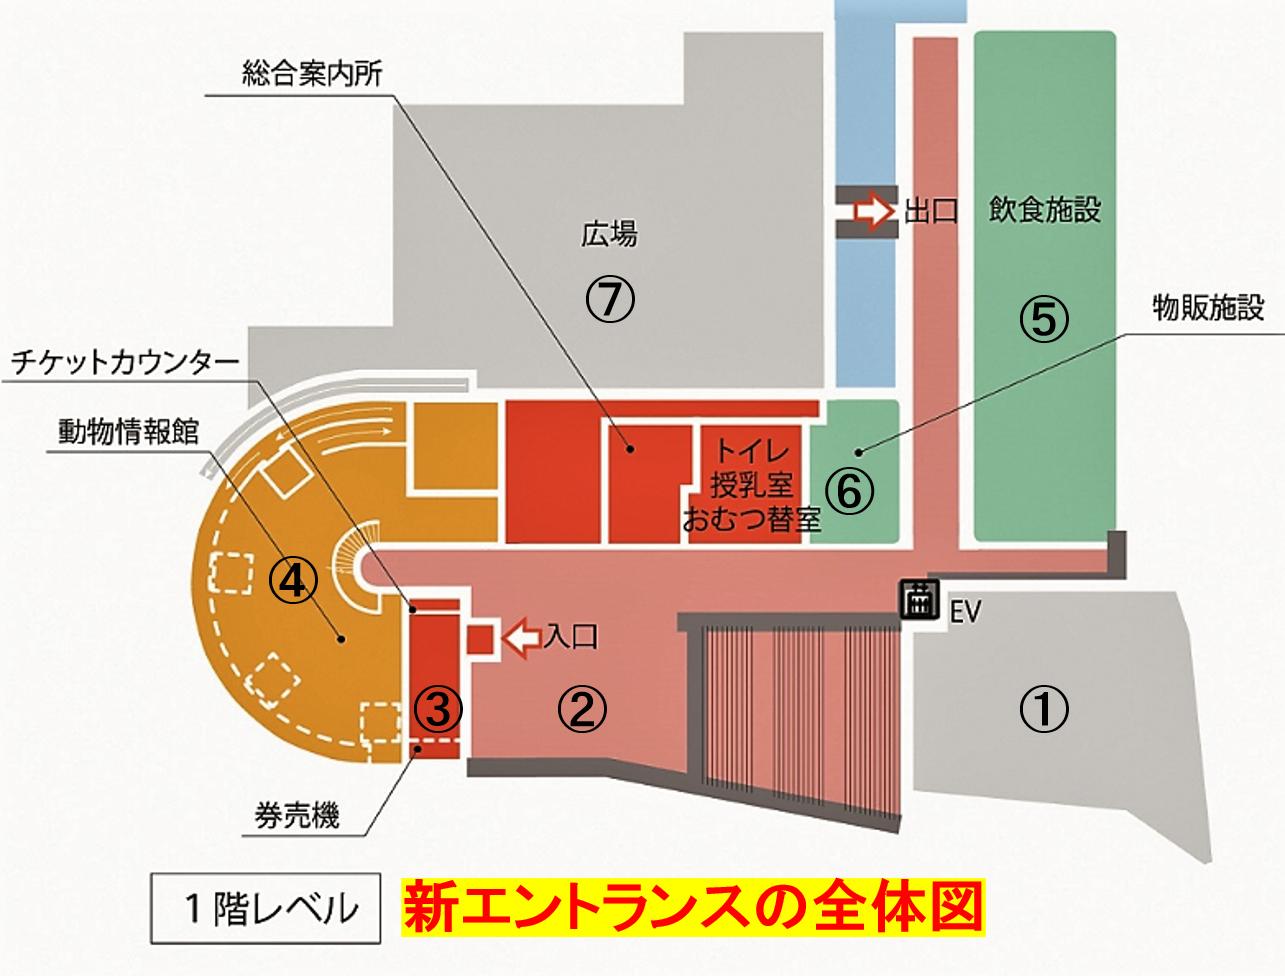 福岡市動物園のエントランス全貌